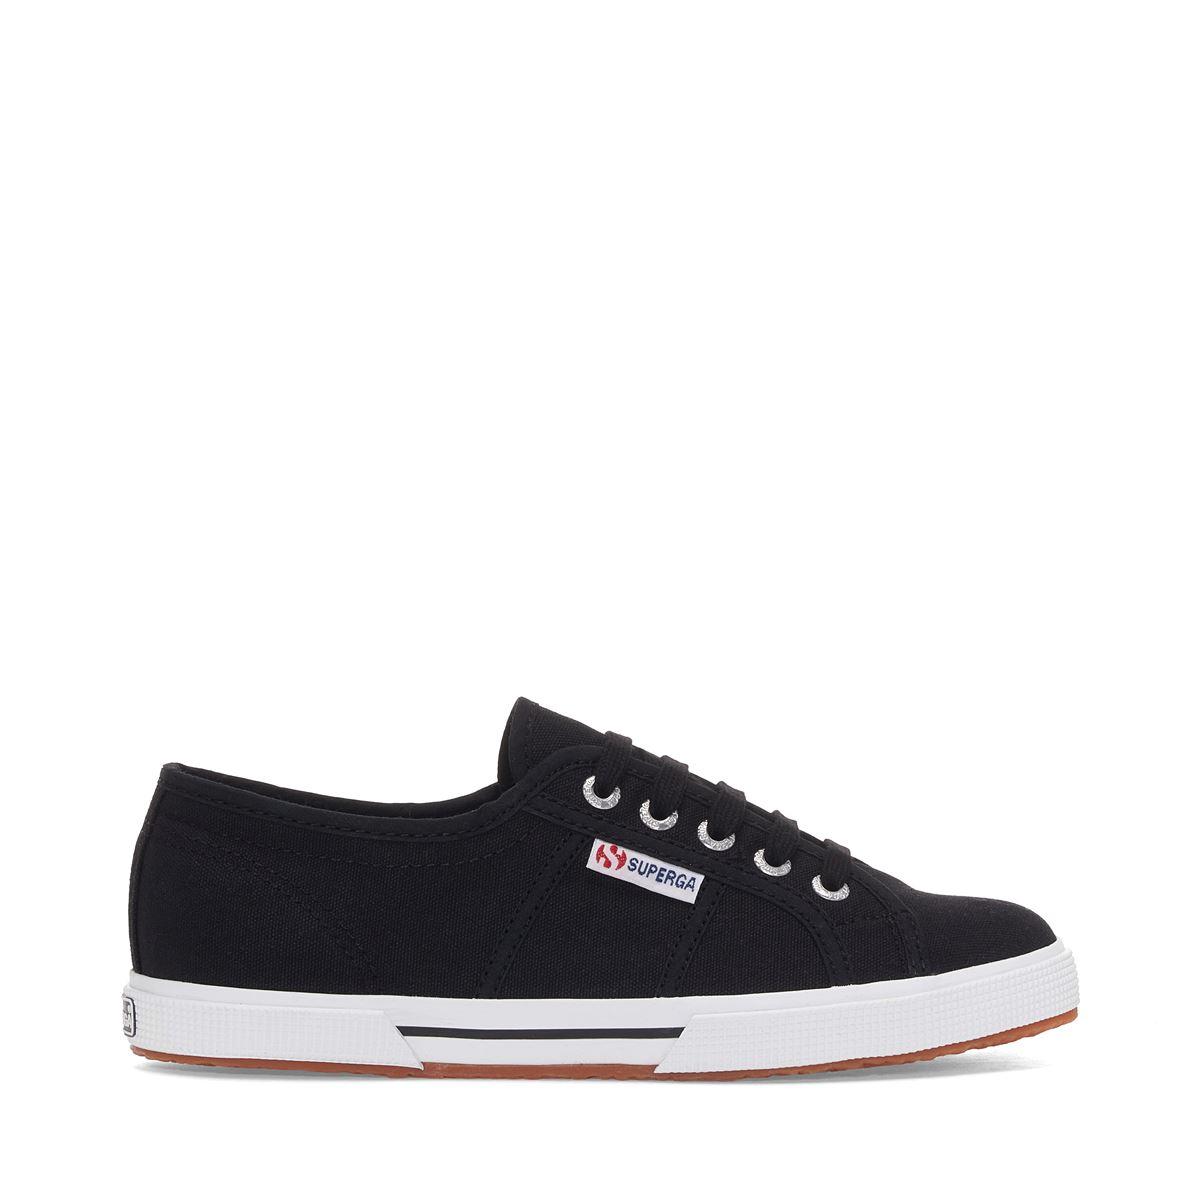 Superga-Scarpe-ginnastica-Sneakers-cotone-lacci-Uomo-Donna-diversi-colori-moda